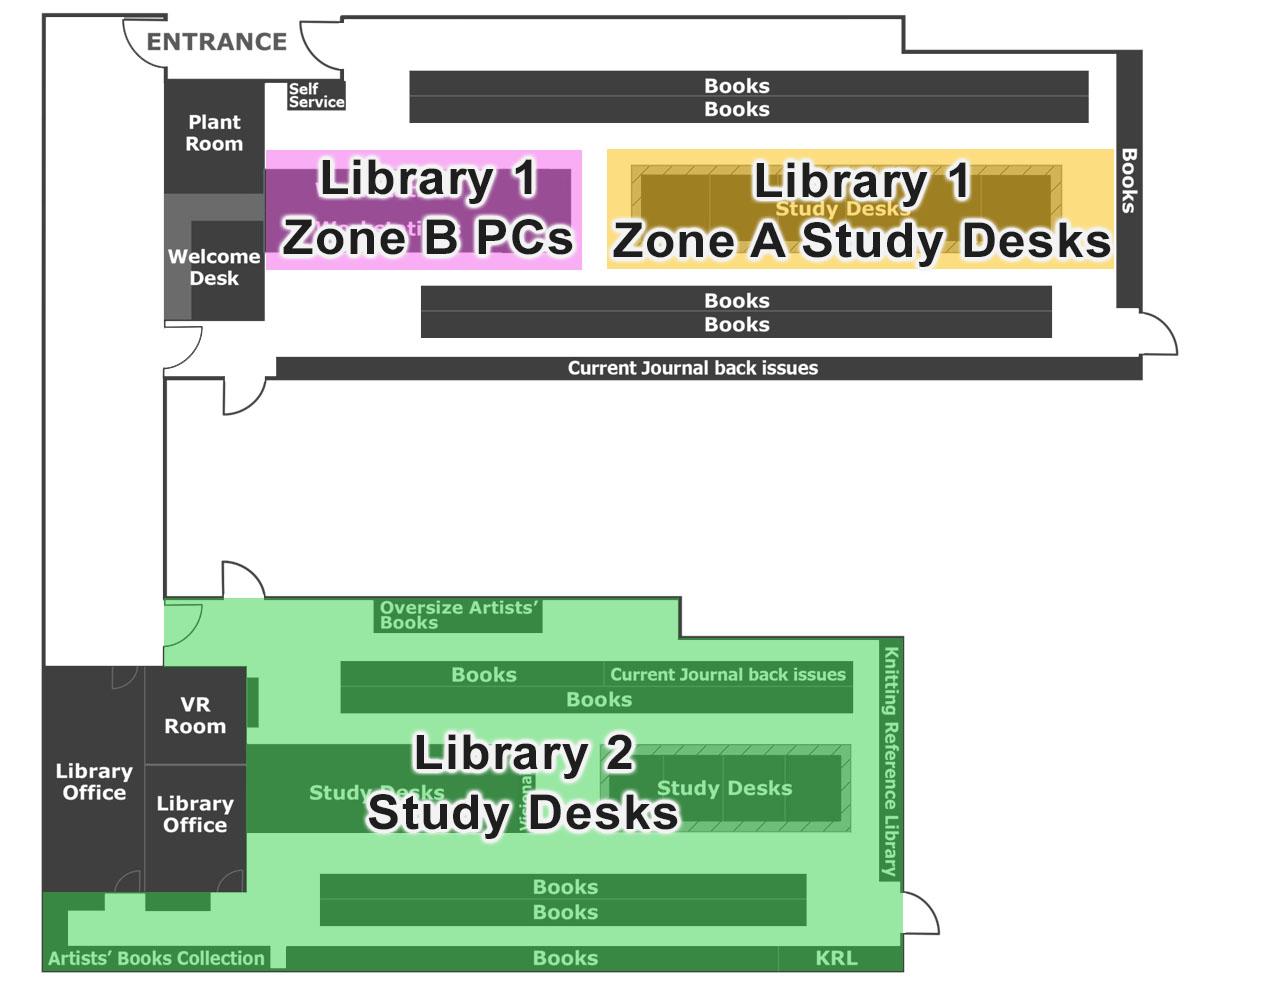 Winchester School of Art Library floor plan showing bookable zones